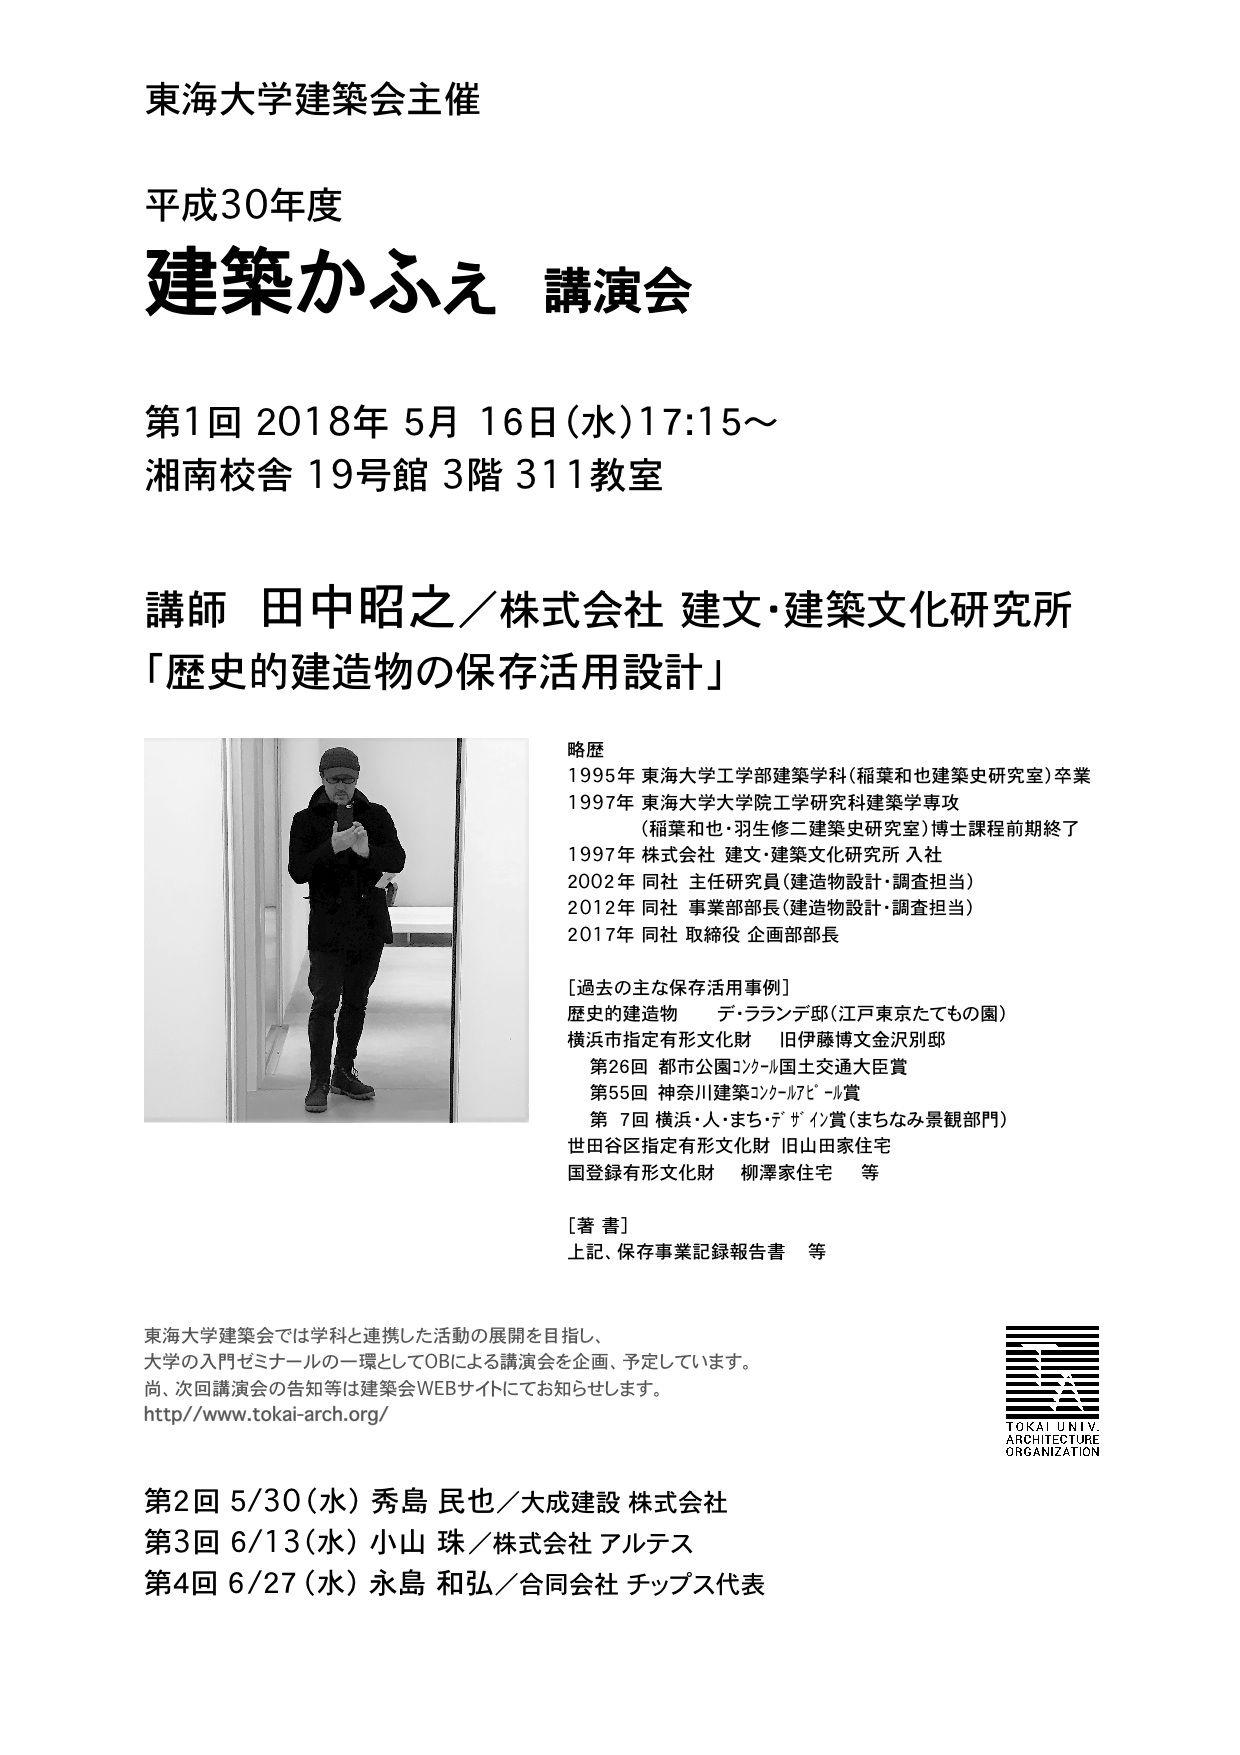 田中昭之「歴史的建造物の保存活用設計」